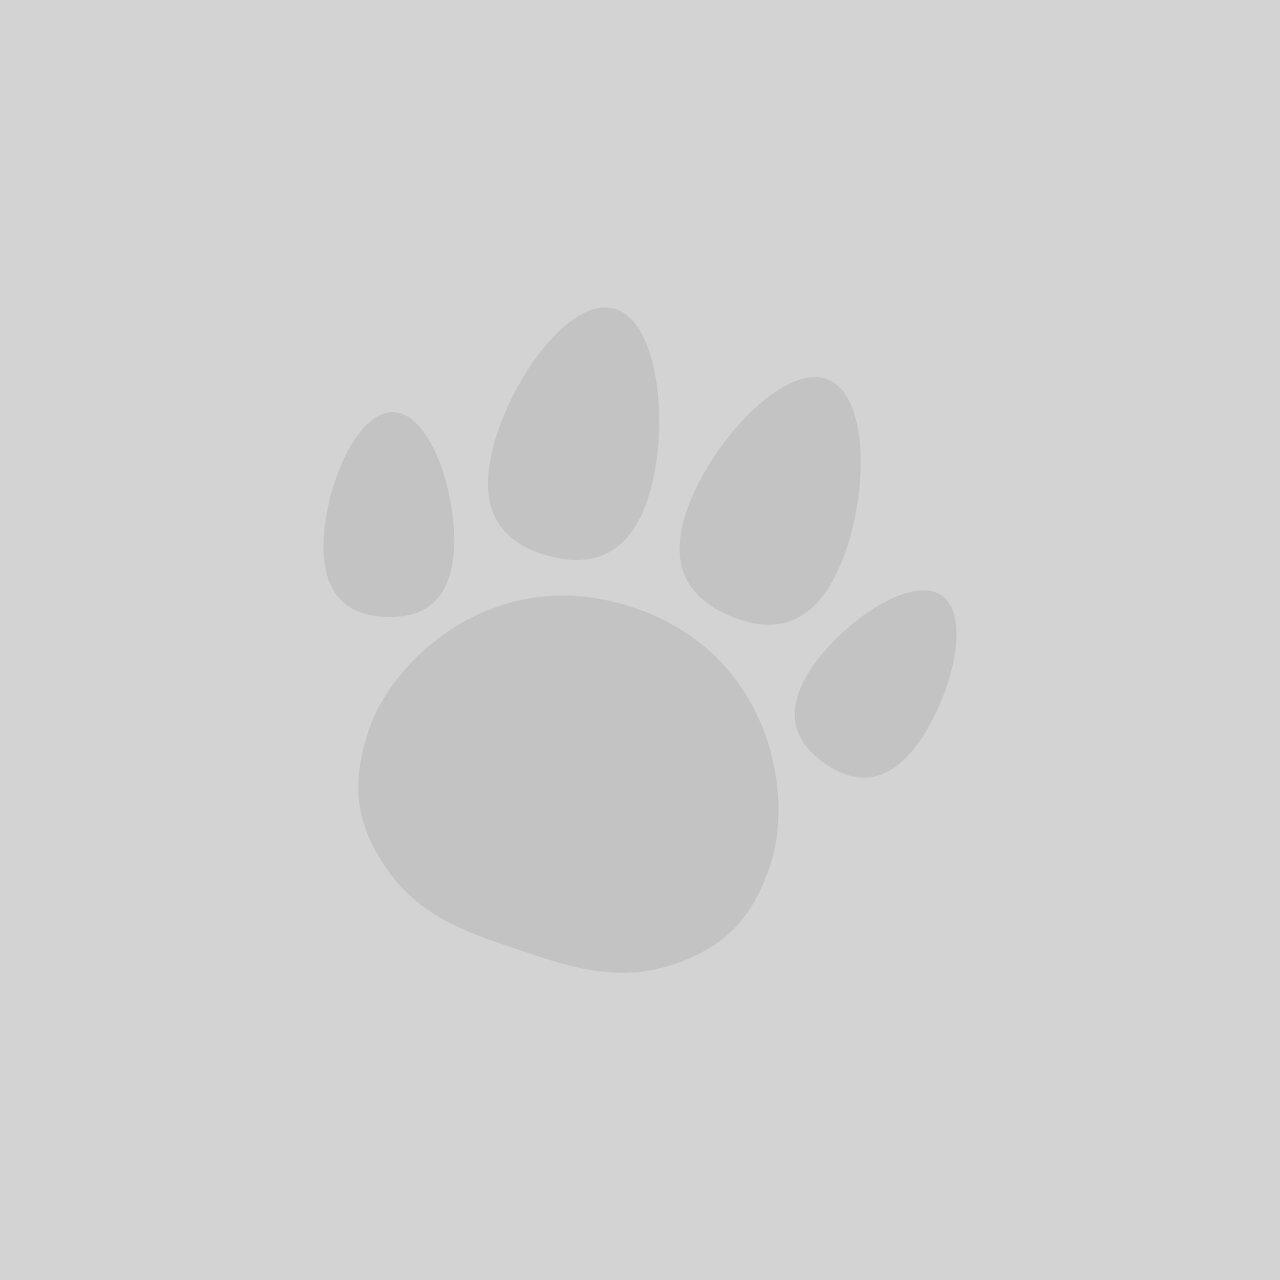 Vitakraft Kracker Honey-Anise for Parrots 183g